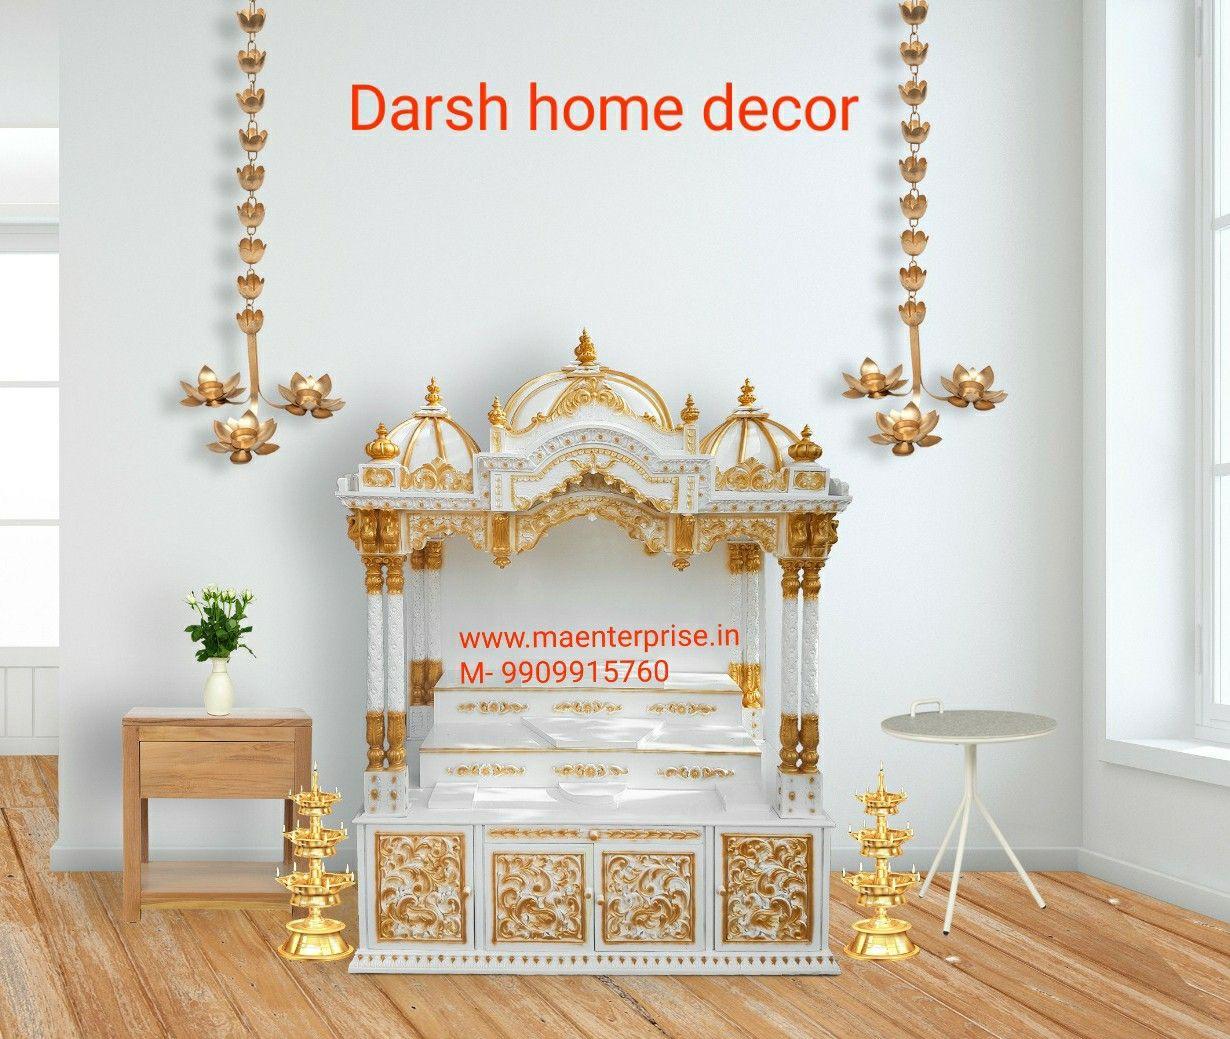 On Best Pooja Mandir Designs Pooja temples, hindu altars, wooden shrines online australia.